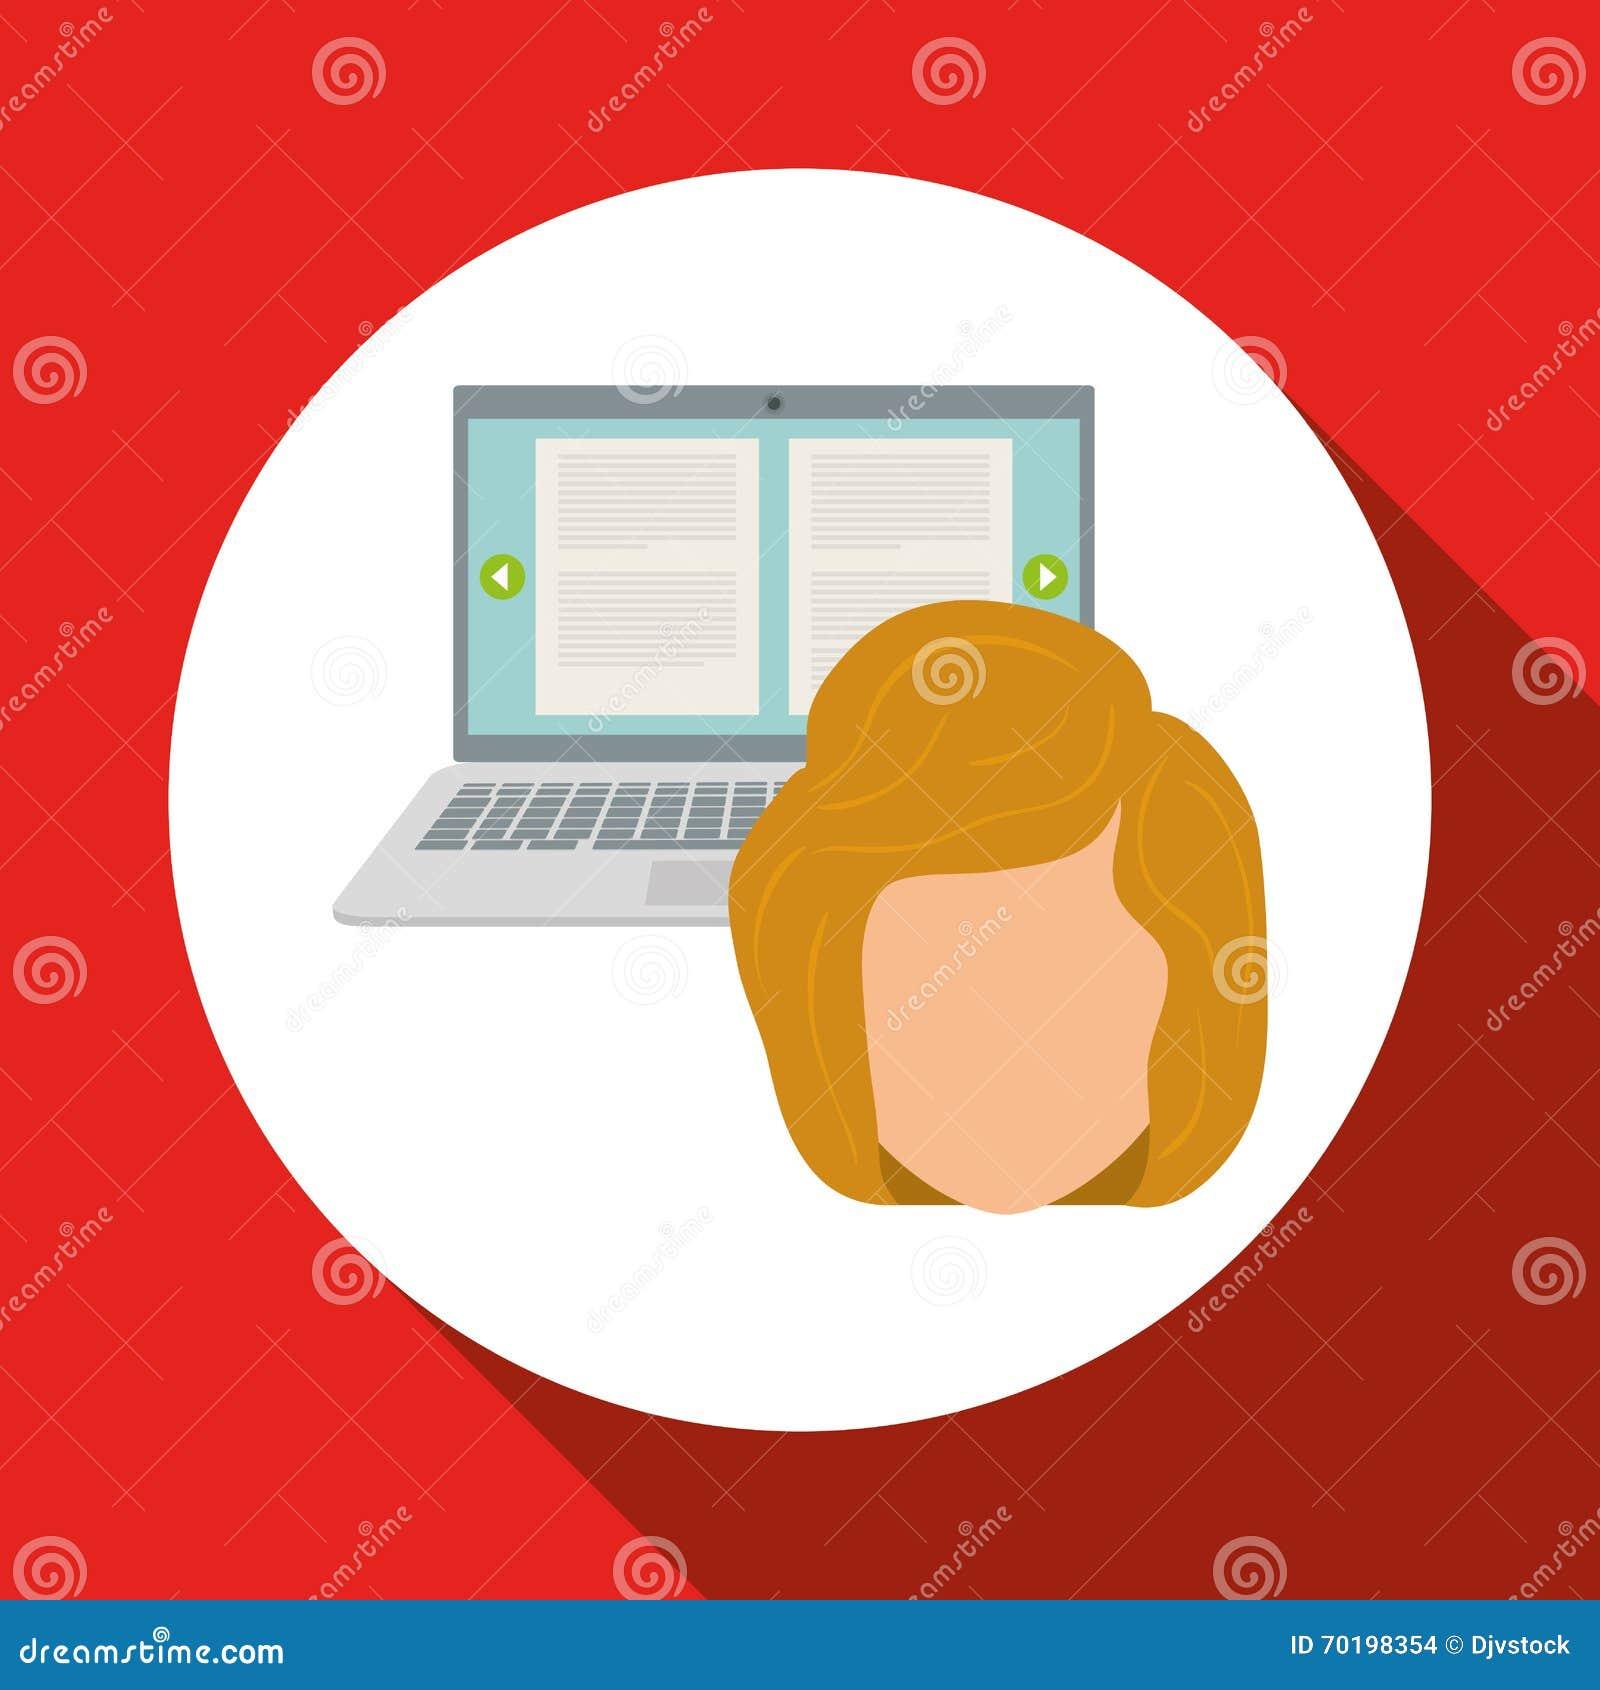 Kvinna- och samkvämmassmedia grafisk design, vektorillustration